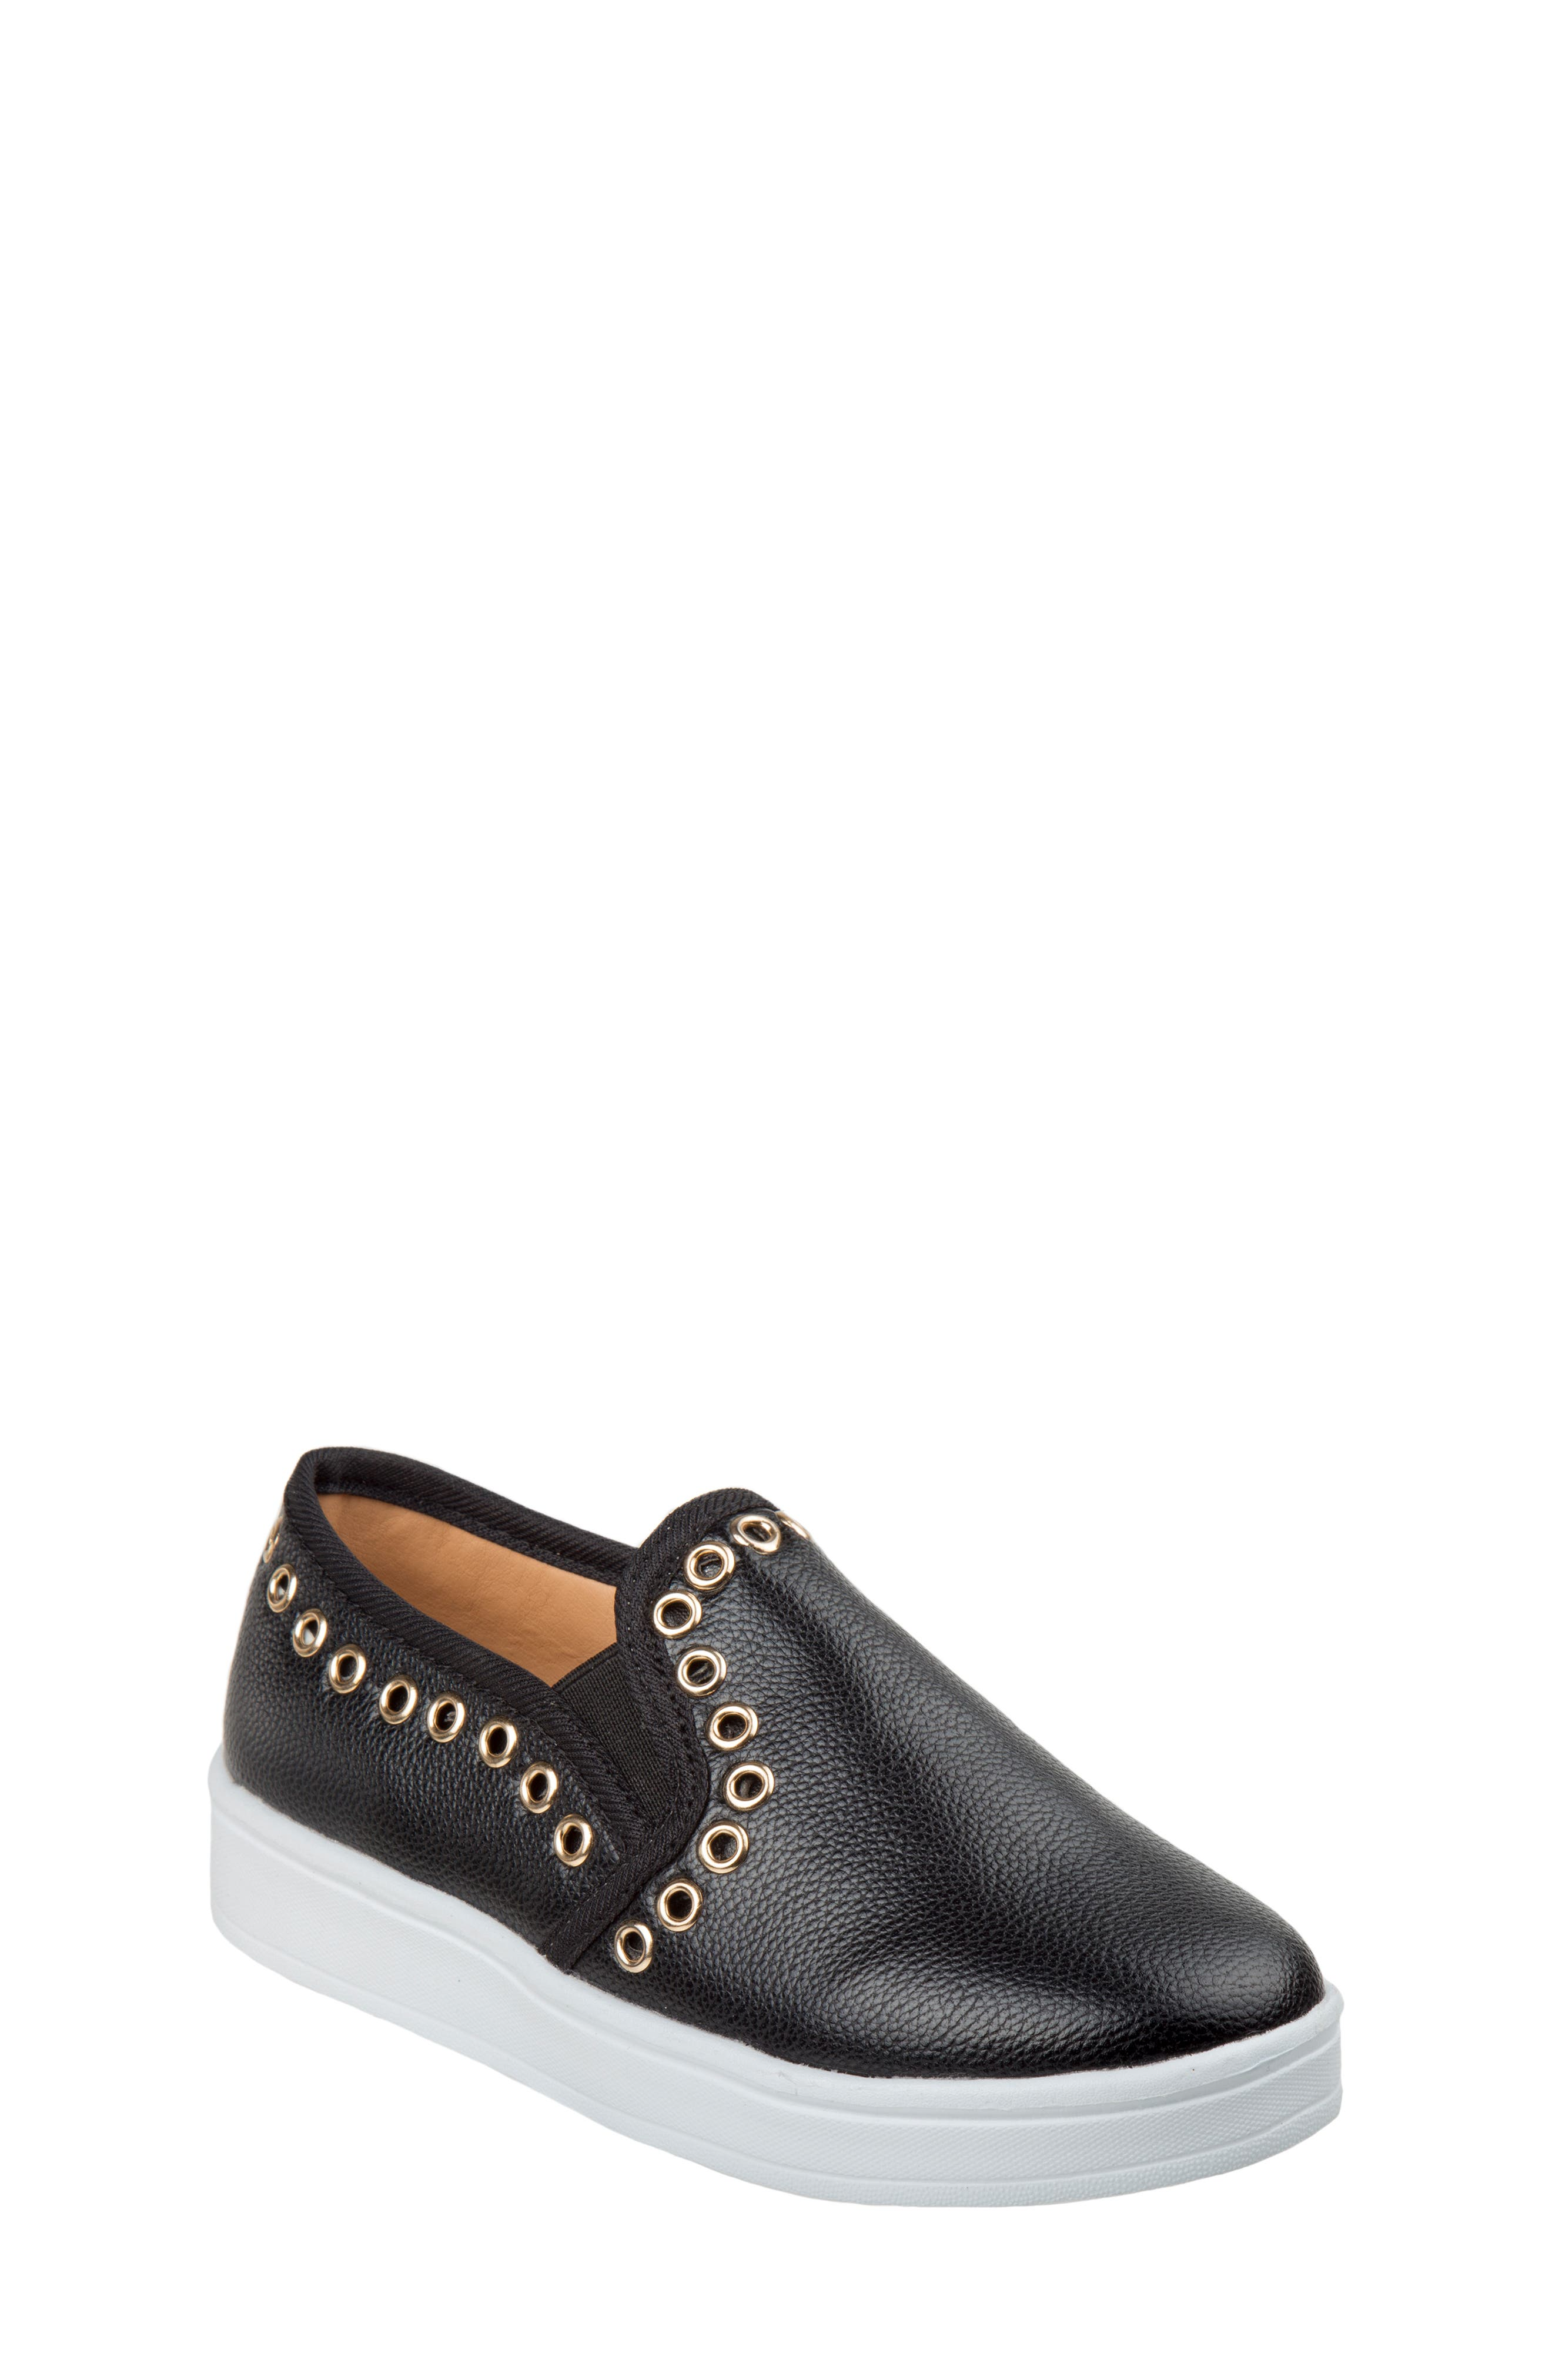 Grommeted Slip-On Sneaker,                         Main,                         color, BLACK